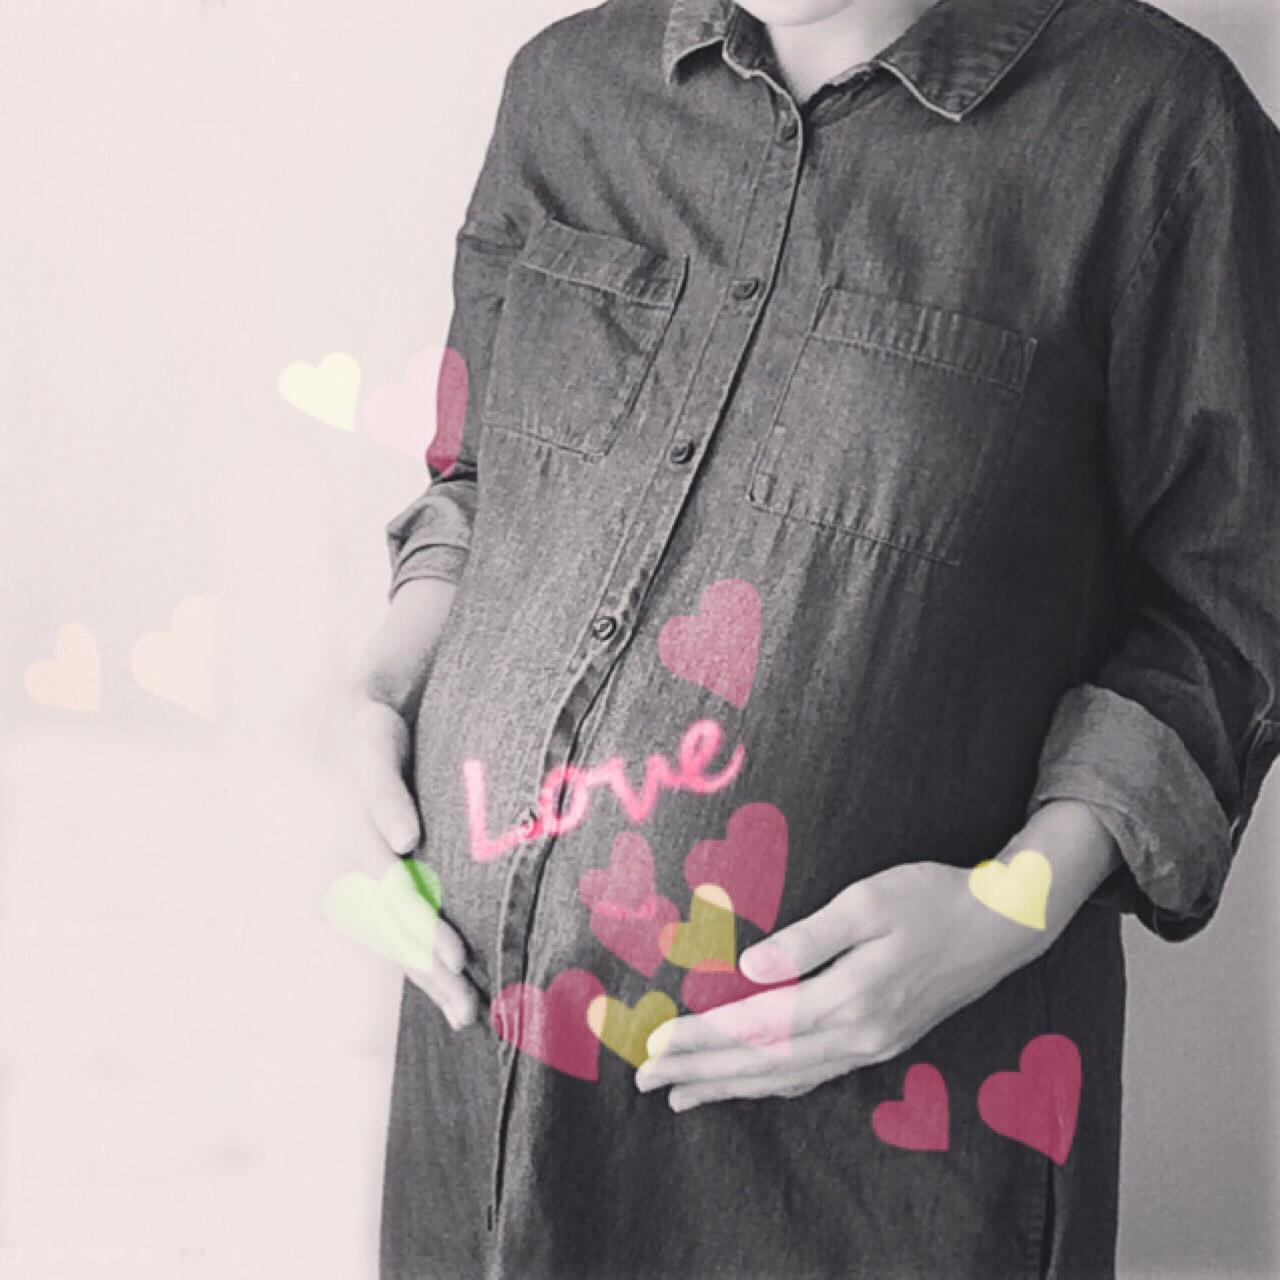 出産を控えたママ必見!気になる入院中の服装をご紹介します